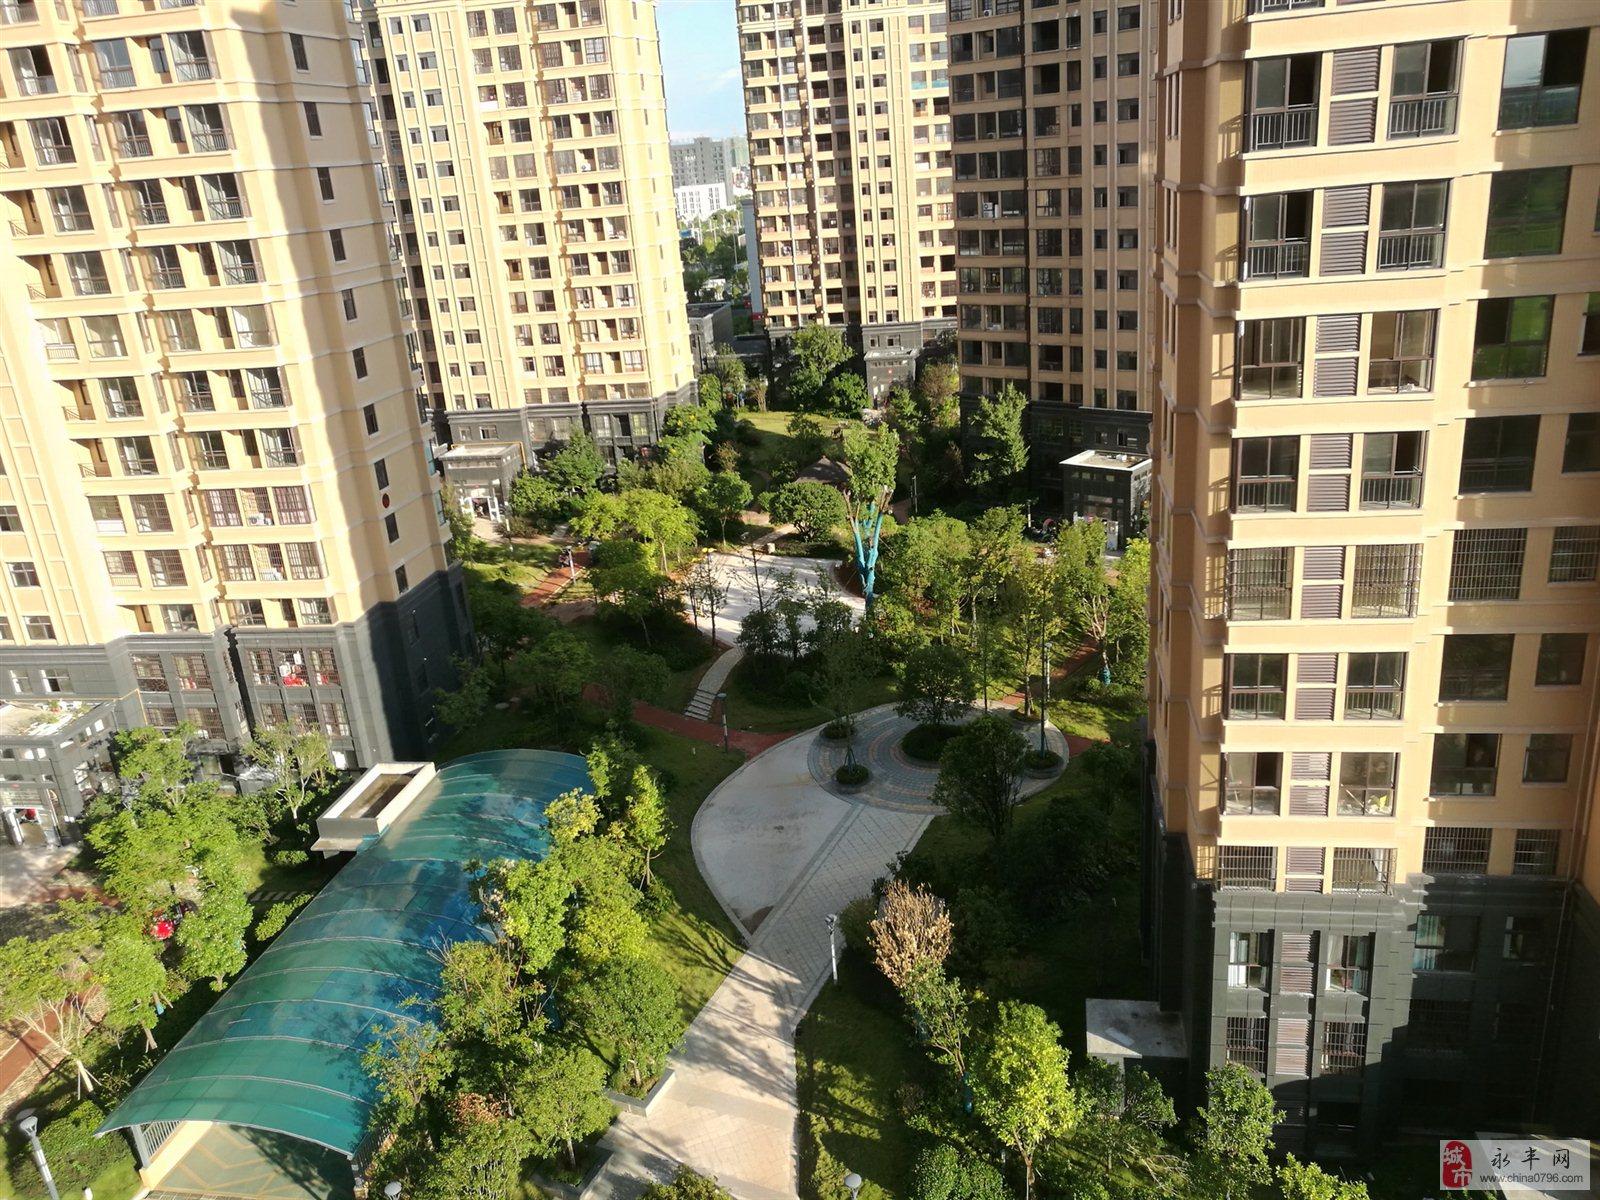 君天御景湾小区好房出售2室2厅1卫68.5万元